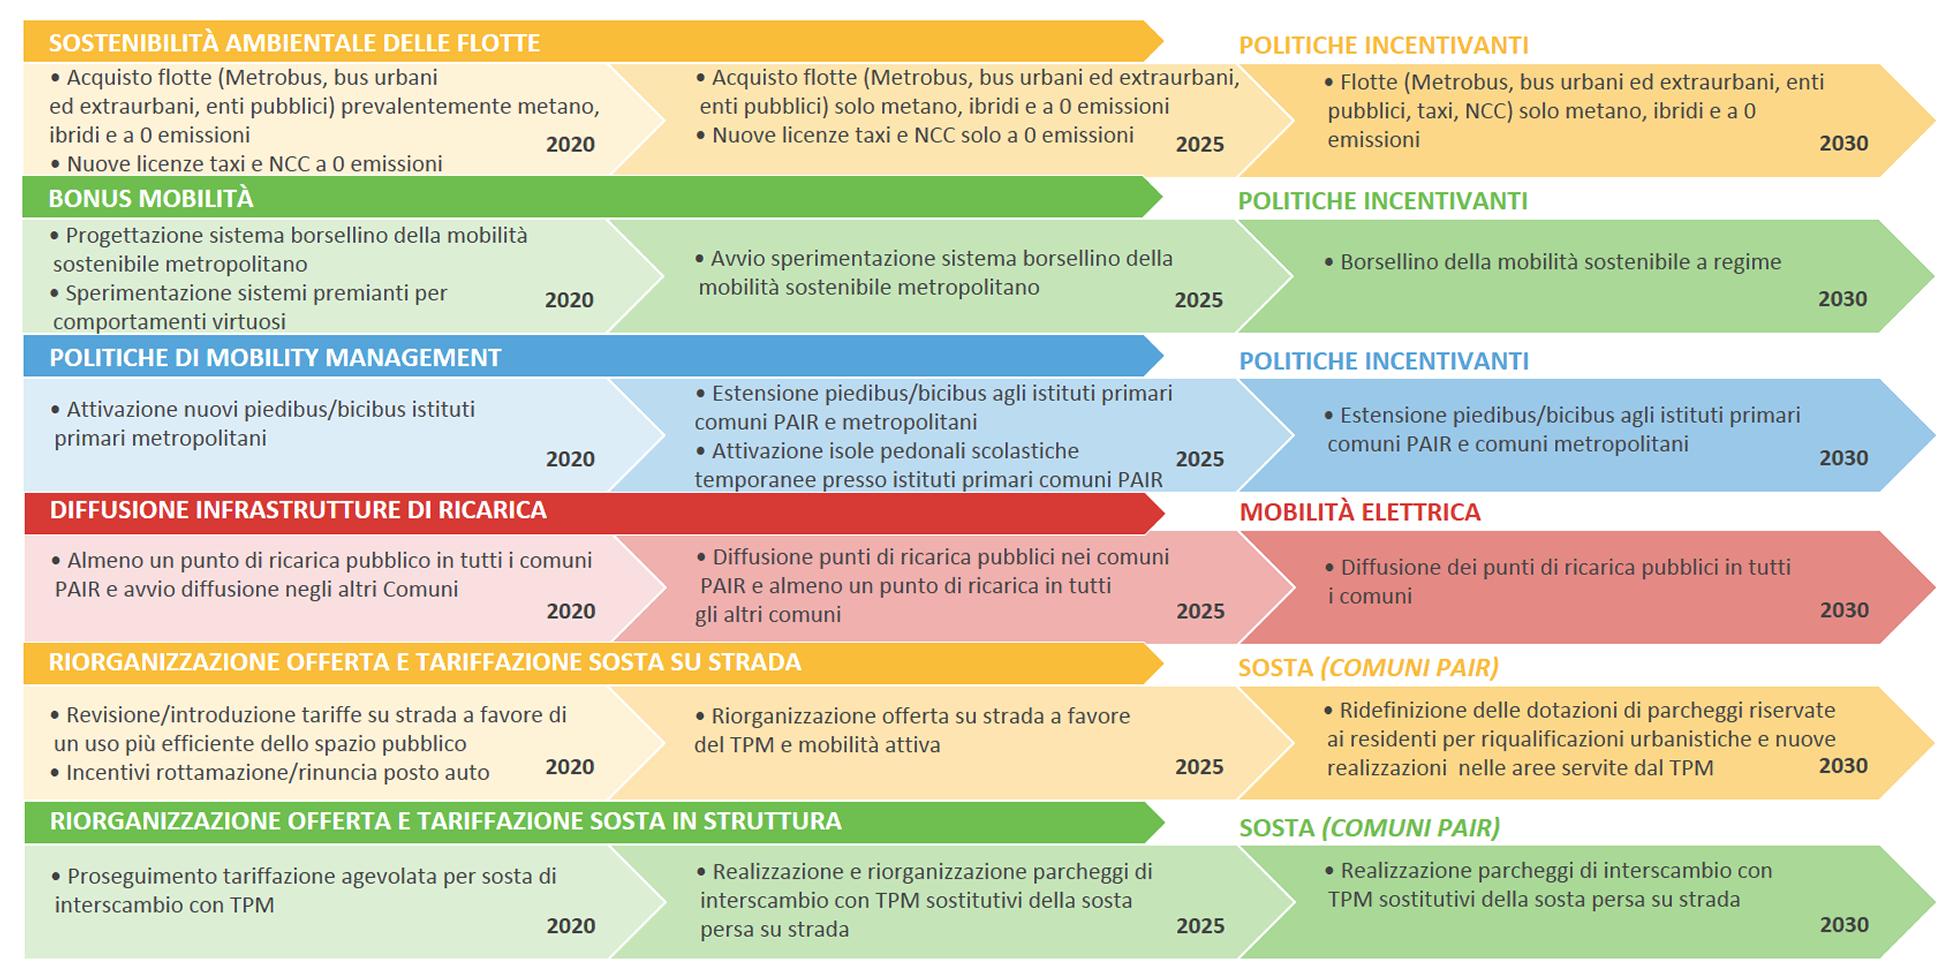 Le principali azioni di Piano rappresentate attraverso un quadro sintetico che consente di visualizzare le diverse fasi di attuazione previste - parte 4